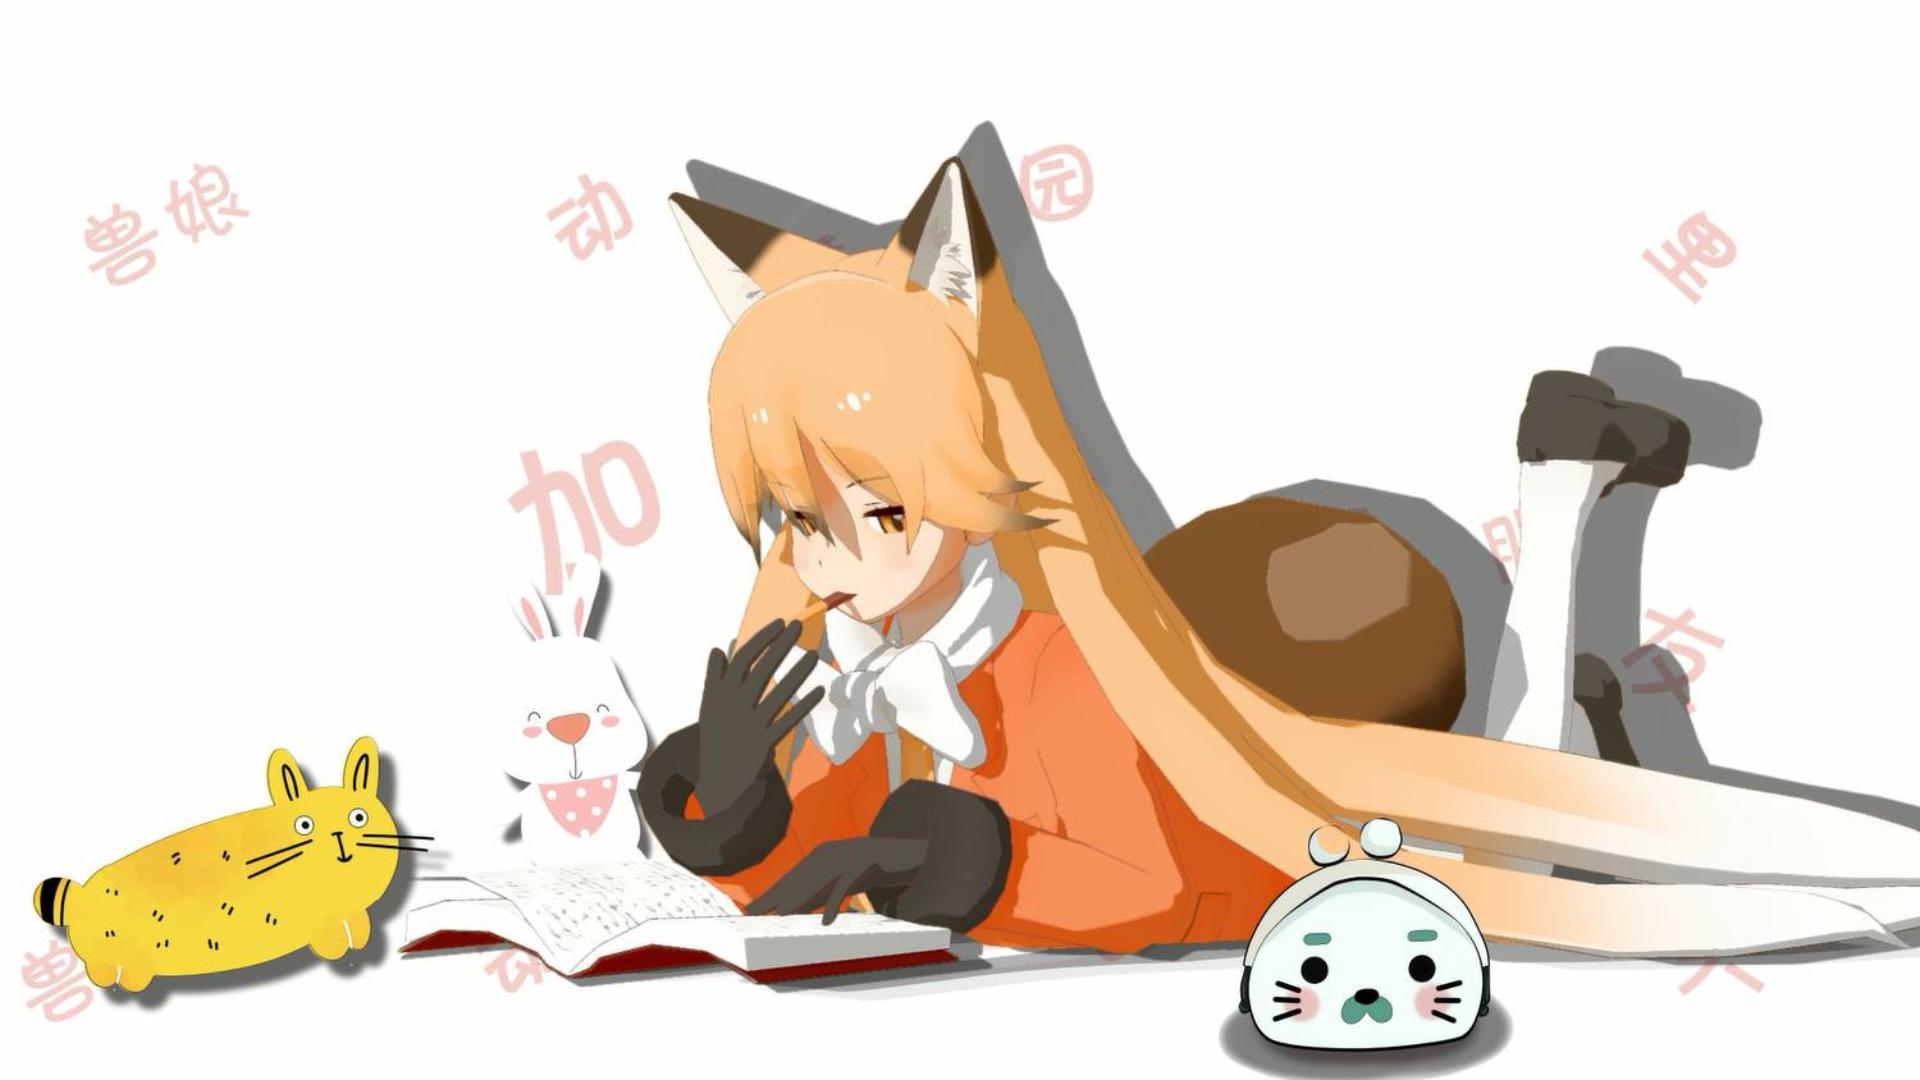 【兽娘动物园】狐物语